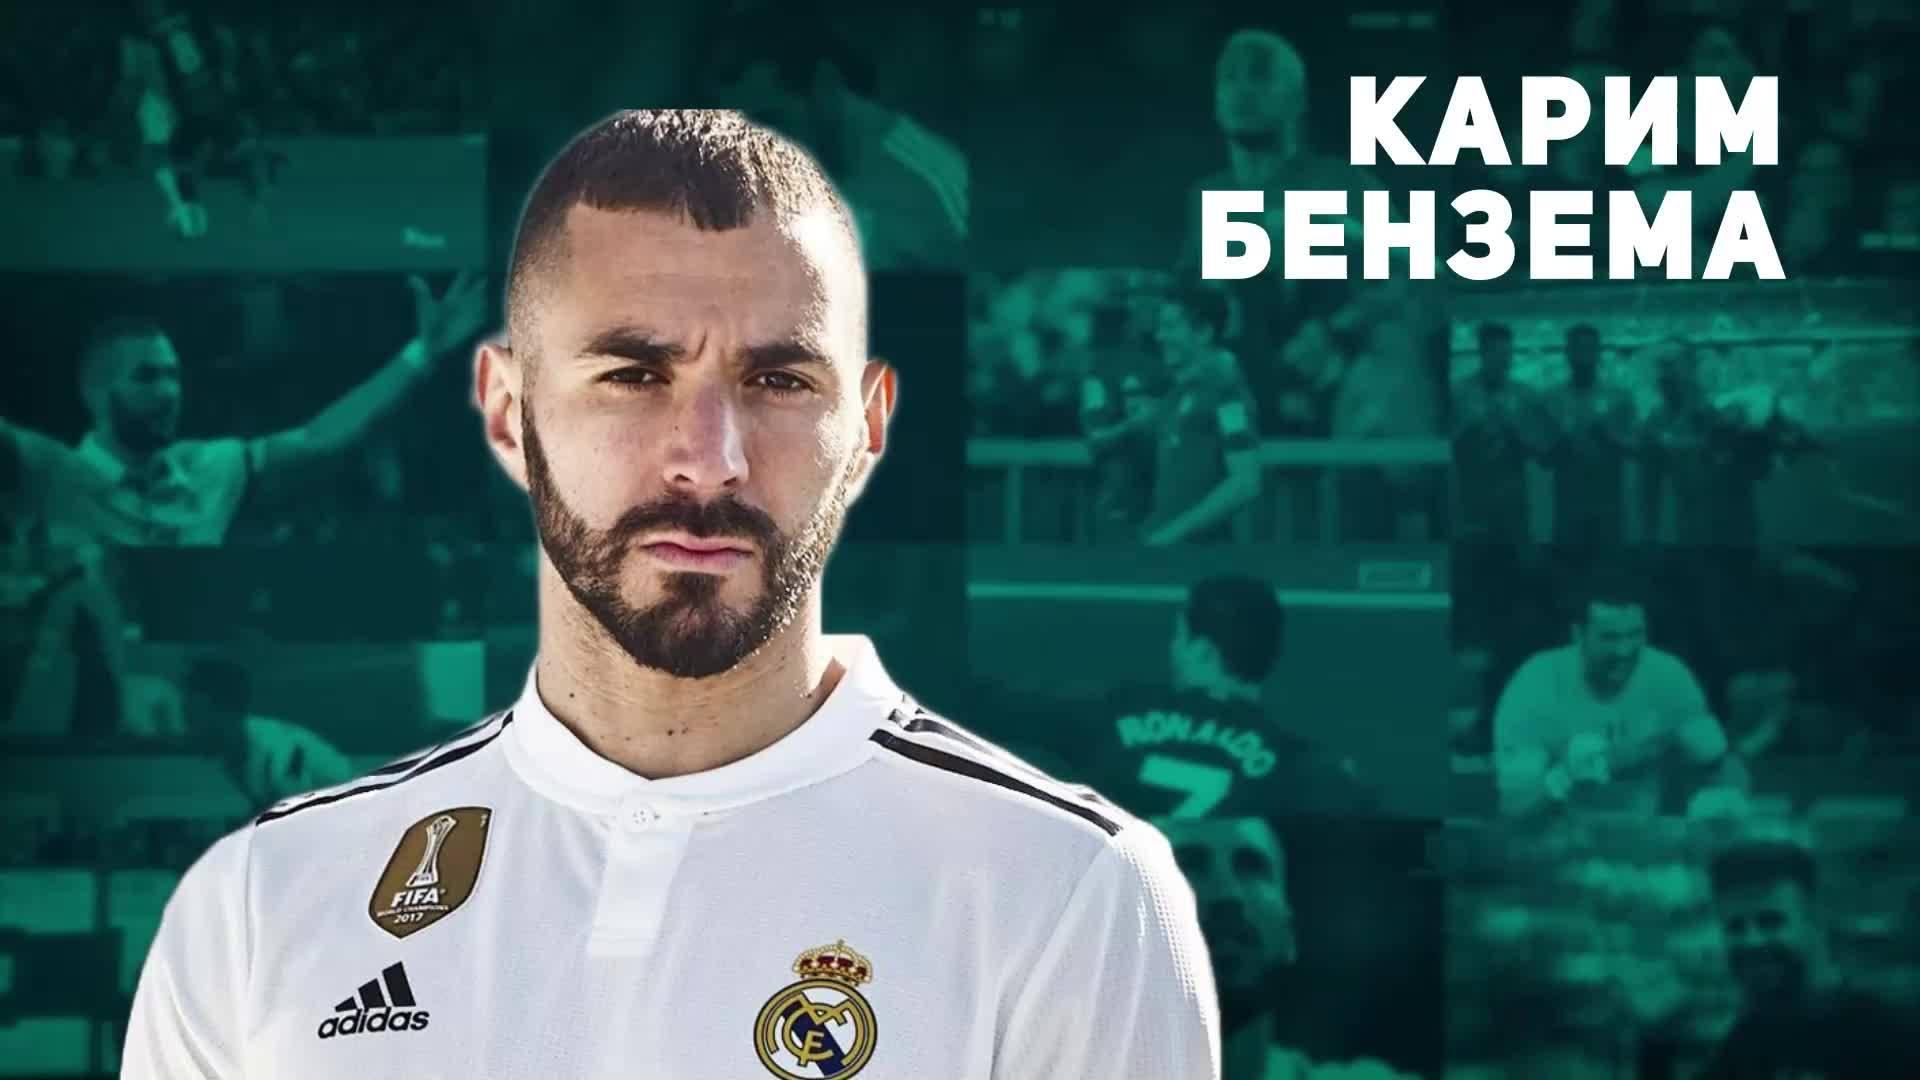 Карим Бензема - чудото на Реал Мадрид